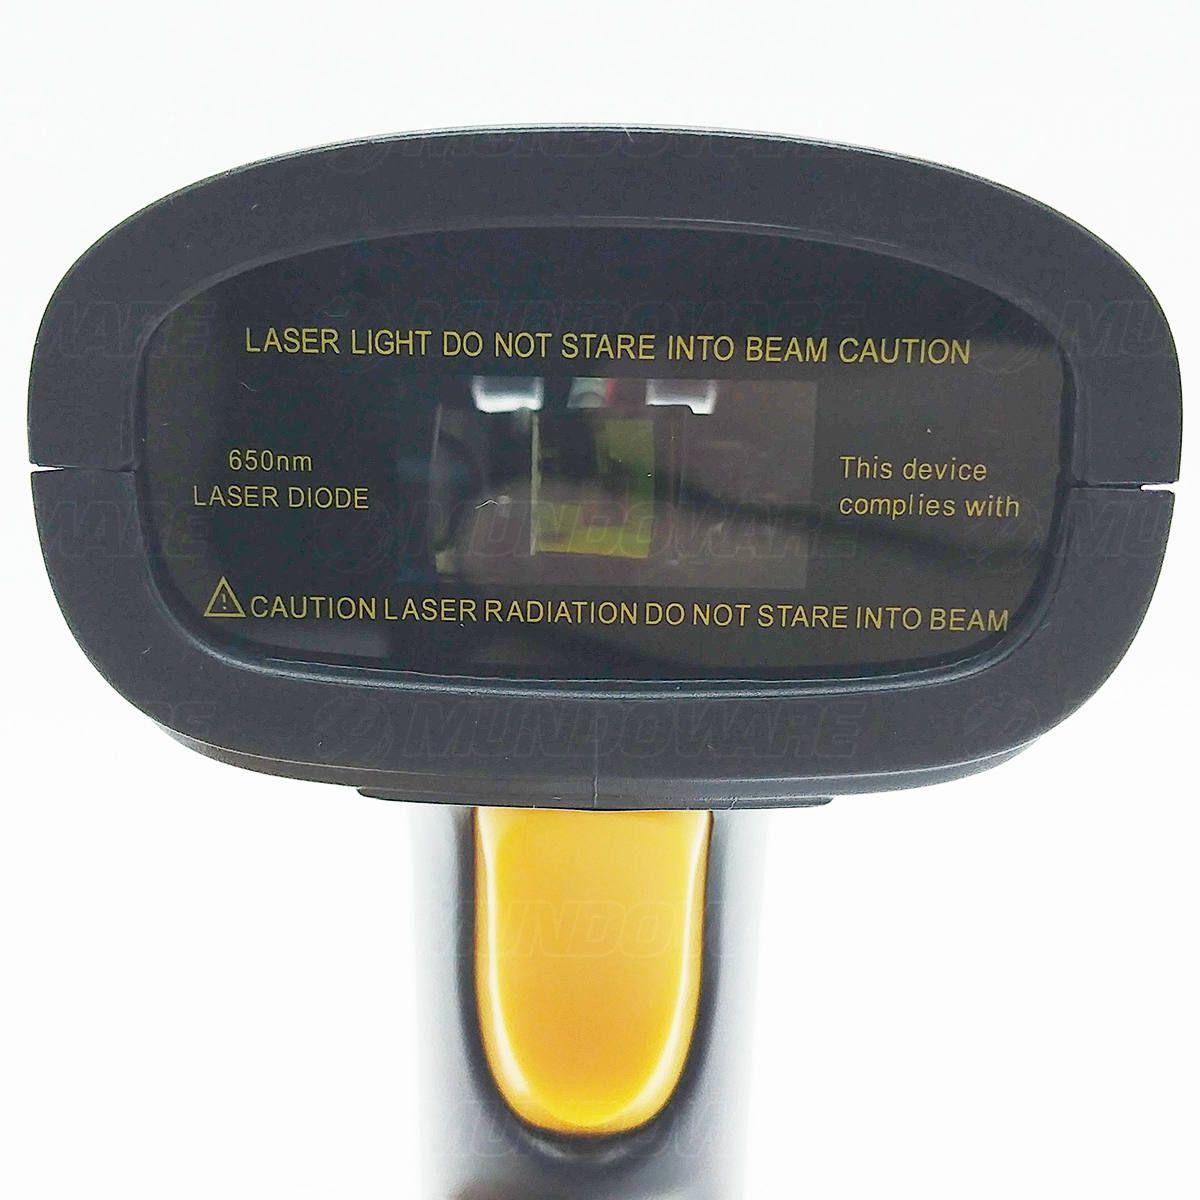 Leitor de Código de Barras Sem Fio Wireless 2.4Ghz com Bateria 1200mAh Exbom LCB-S600